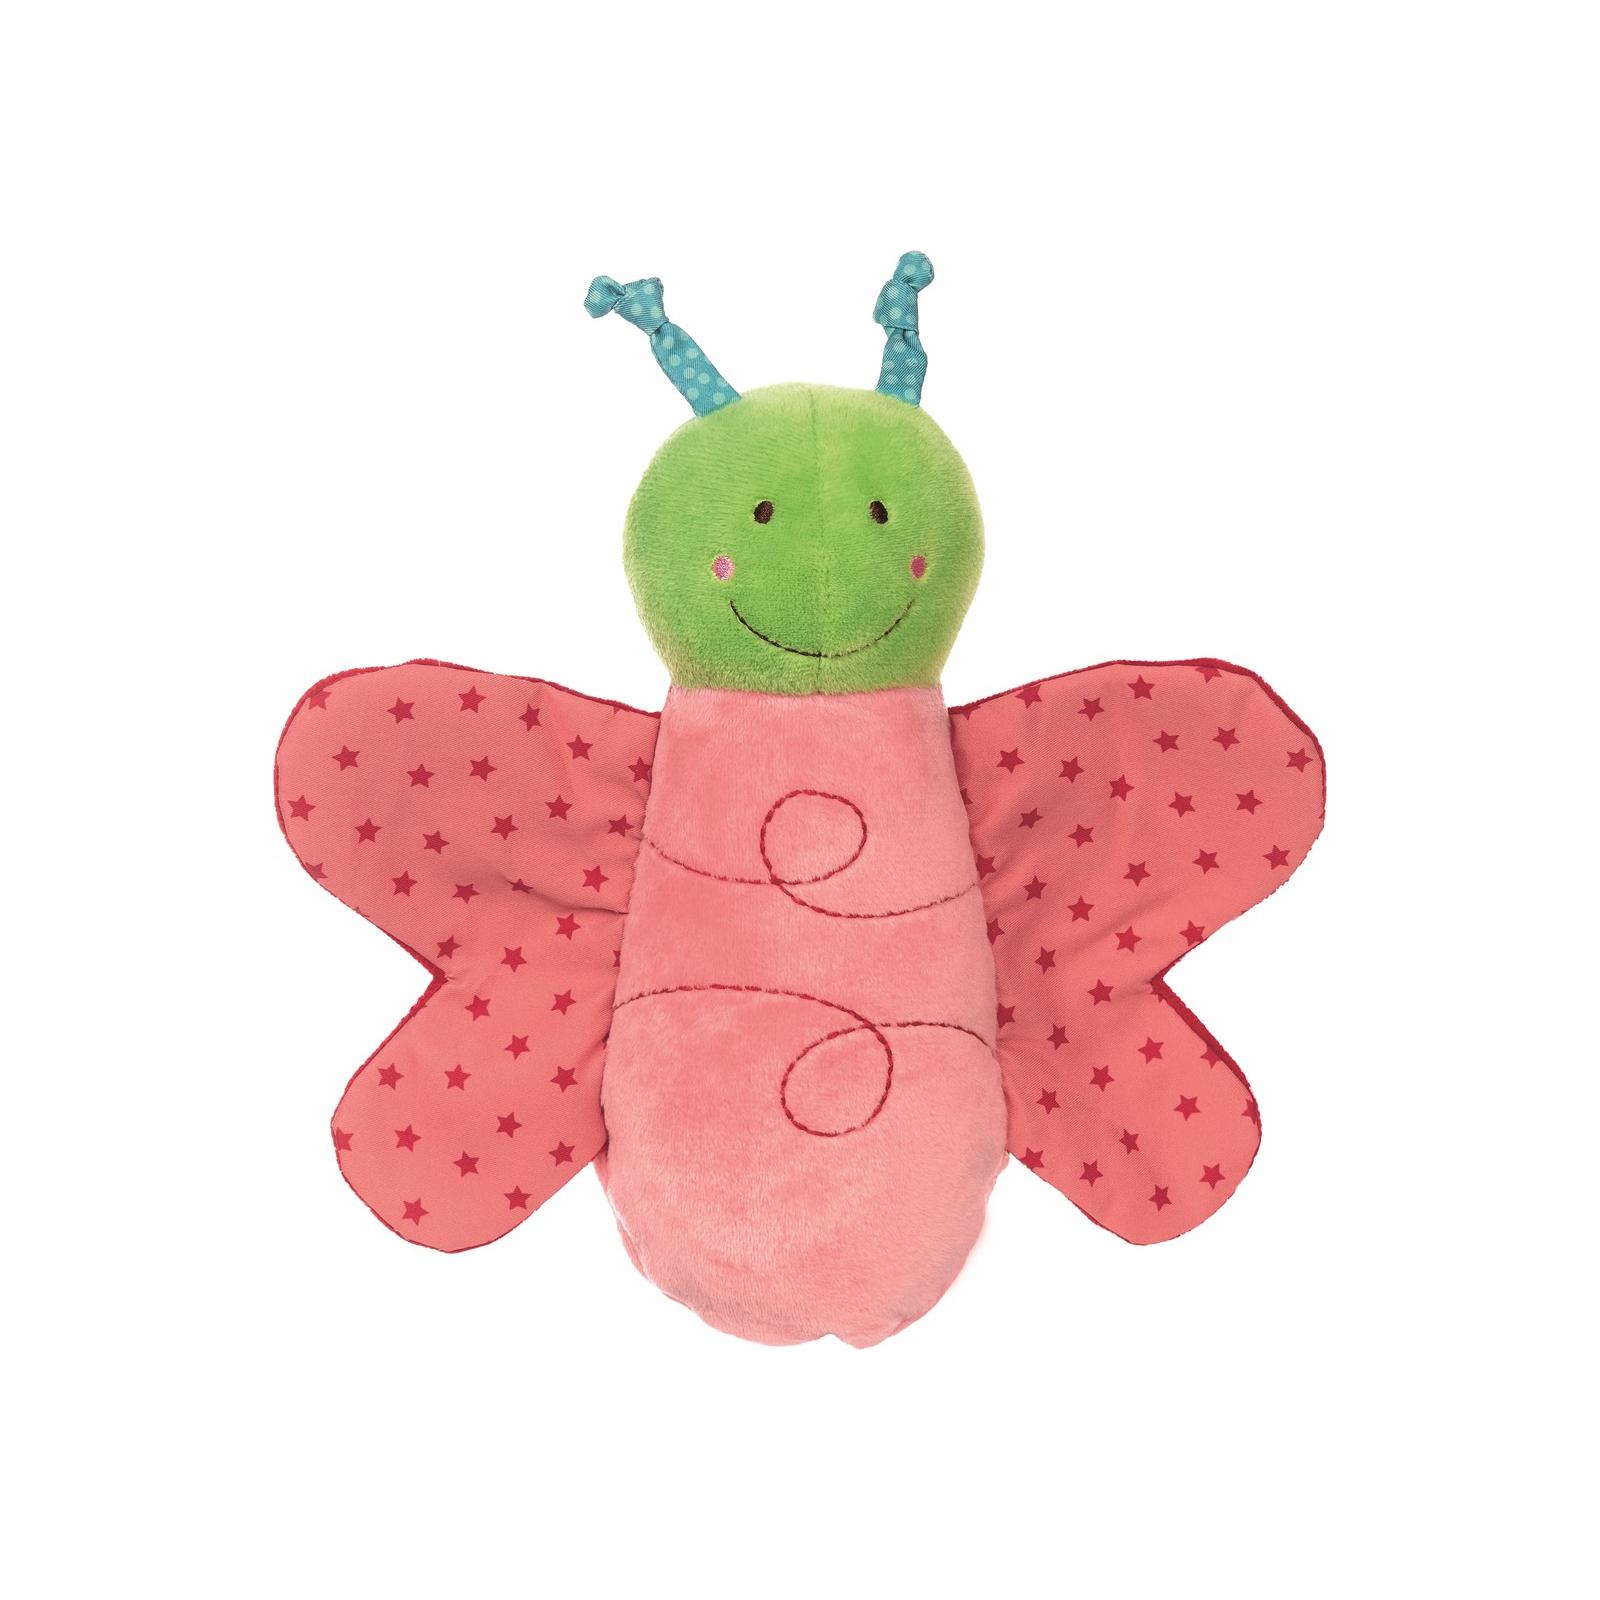 Розвиваюча іграшка Sigikid М'яка розвиваюча іграшка Метелик (42260SK) зображення 2